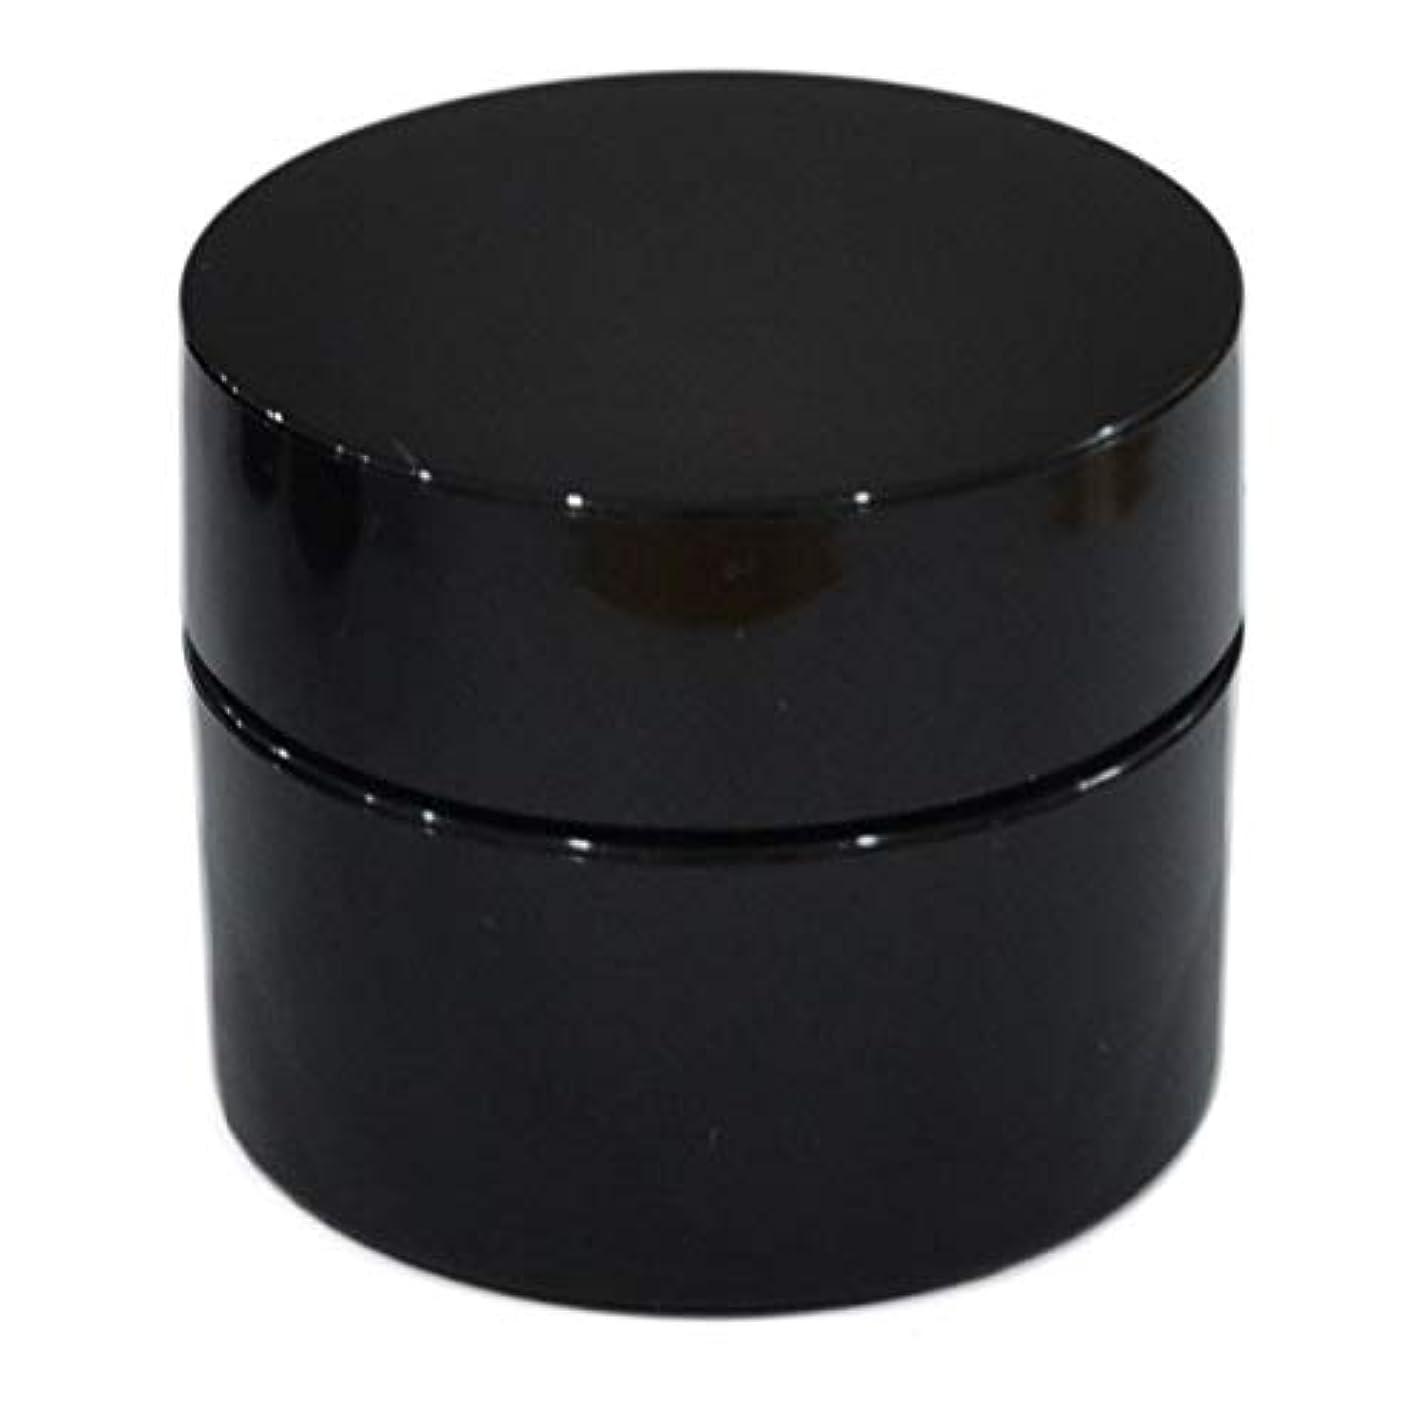 不十分なリビングルーム仕方純国産ネイルジェル用コンテナ 10g用GA10g 漏れ防止パッキン&ブラシプレート付容器 ジェルを無駄なく使える底面傾斜あり 遮光 黒 ブラック